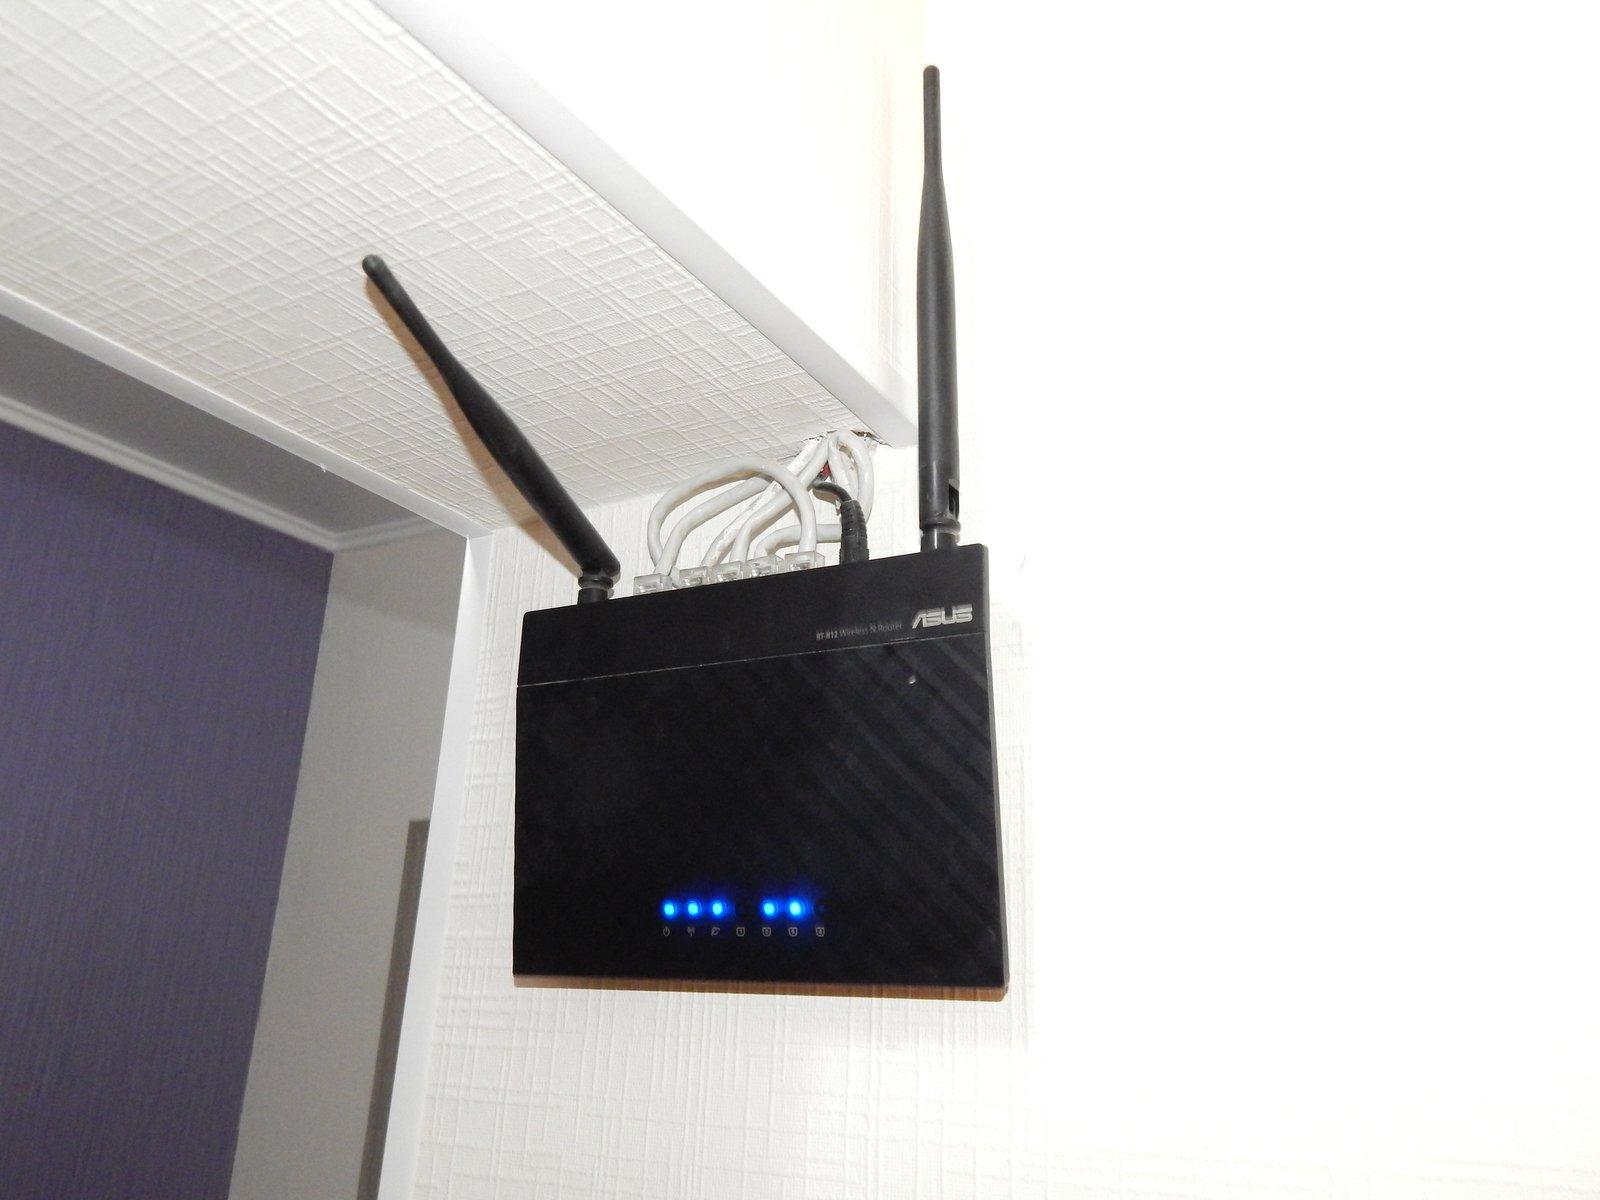 Стало известно, почему Wi-Fi роутер нужно обязательно выключать на ночь